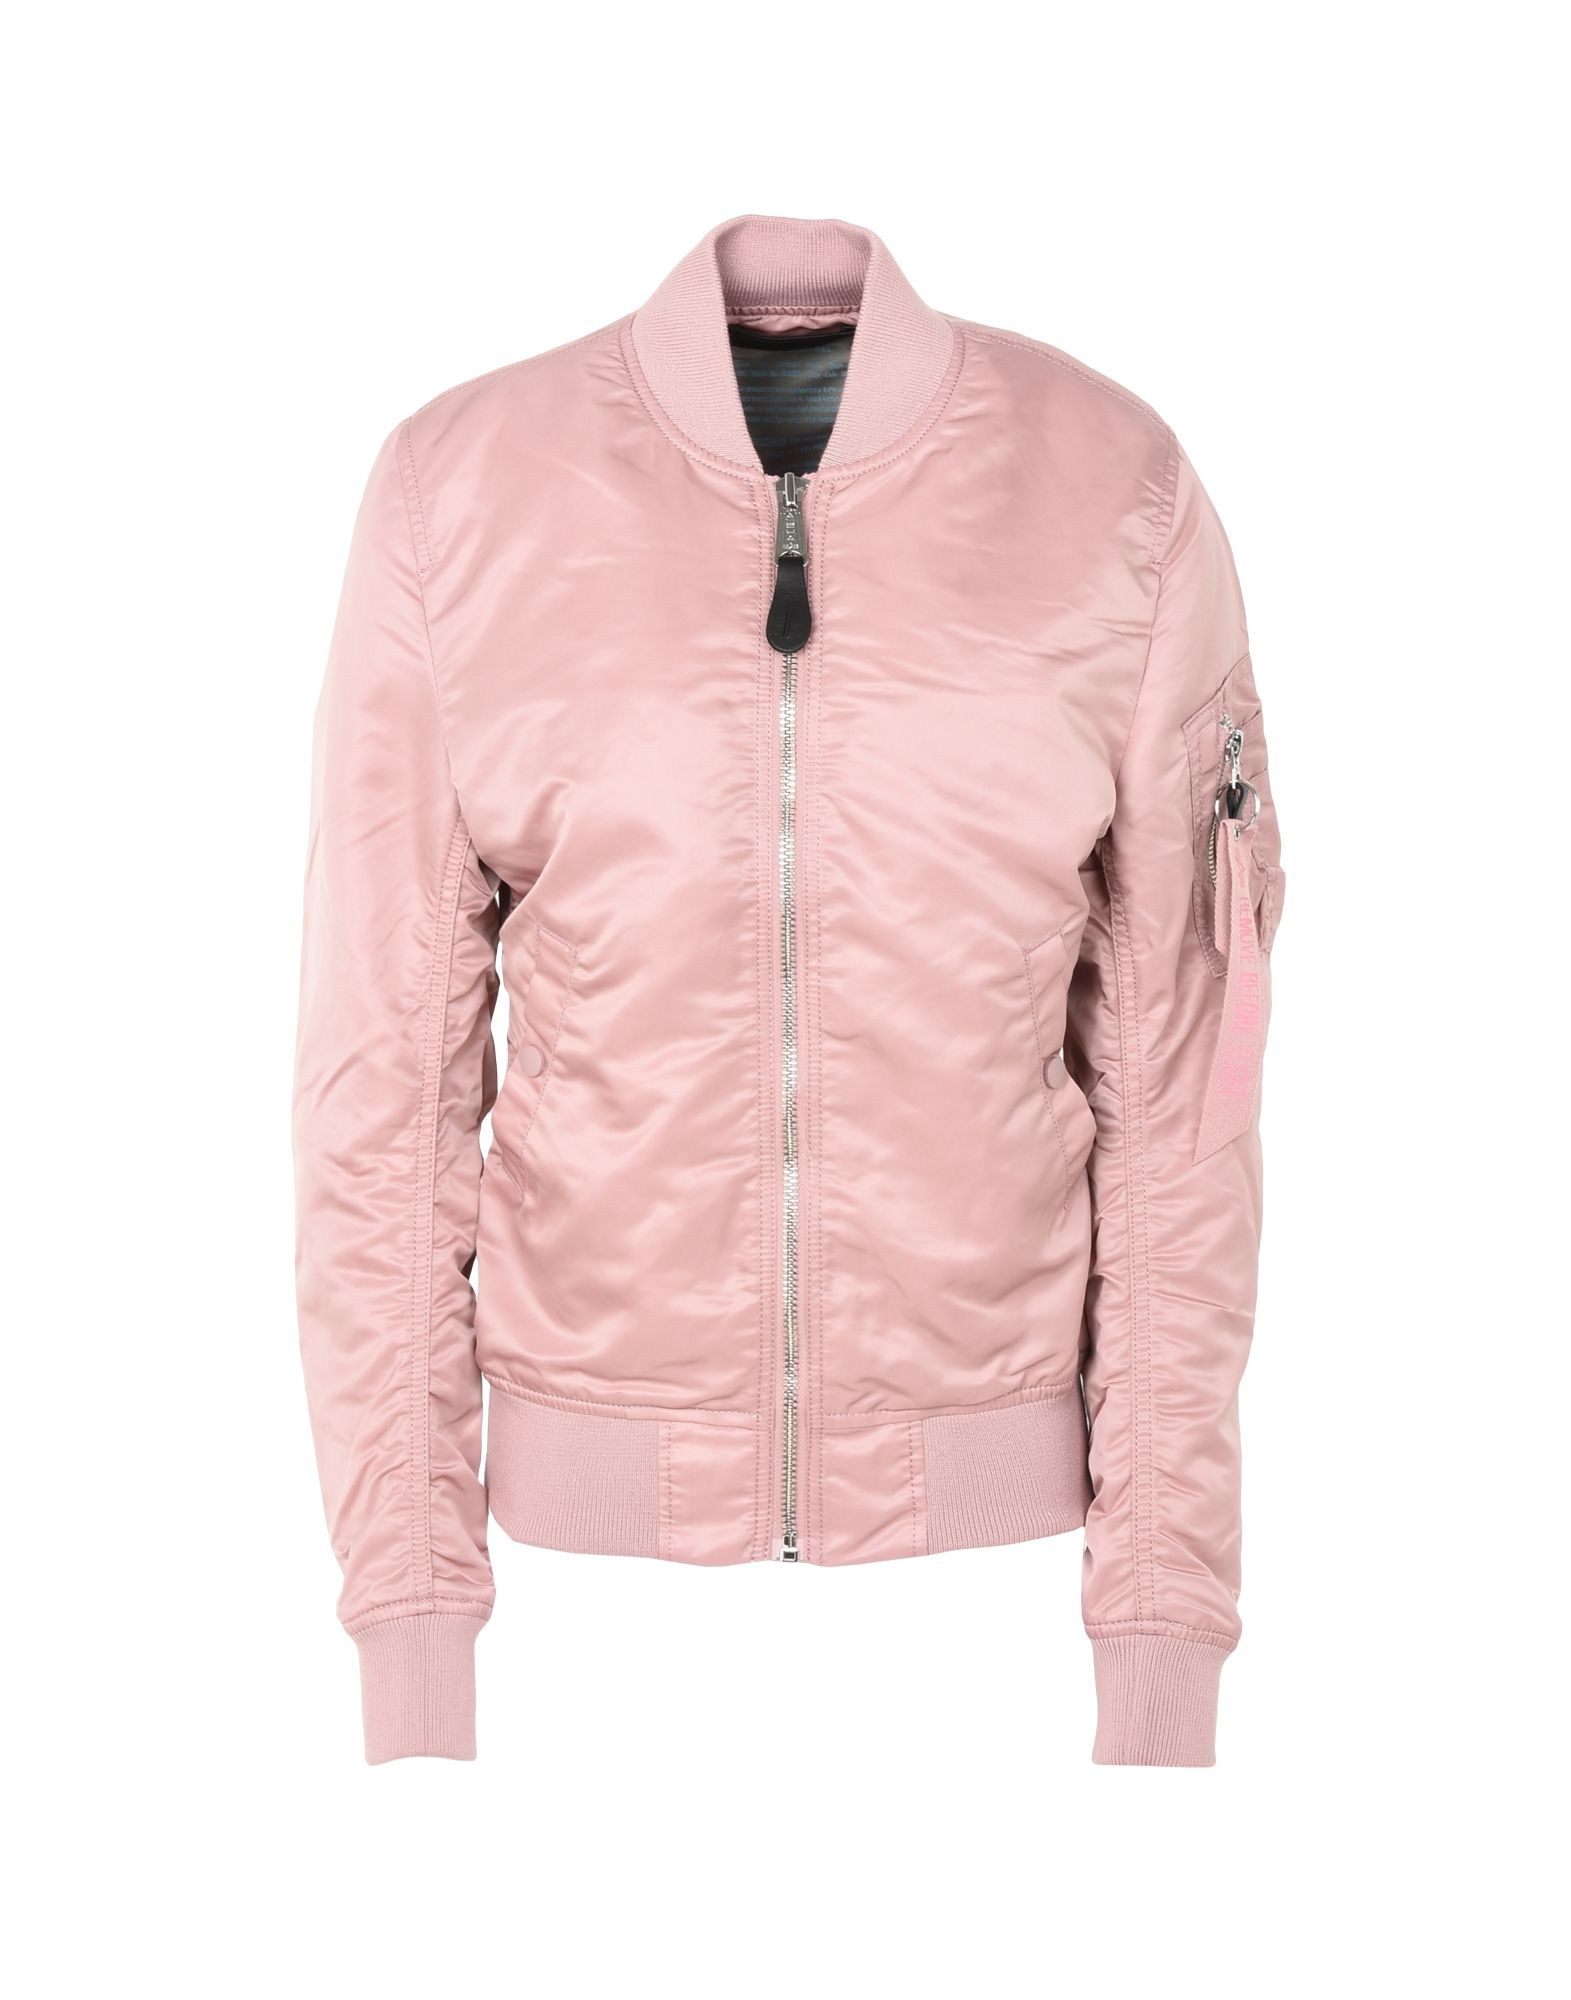 best website 6cf3d 6c6e0 ALPHA INDUSTRIES INC. Bomber - Coats & Jackets D   YOOX.COM